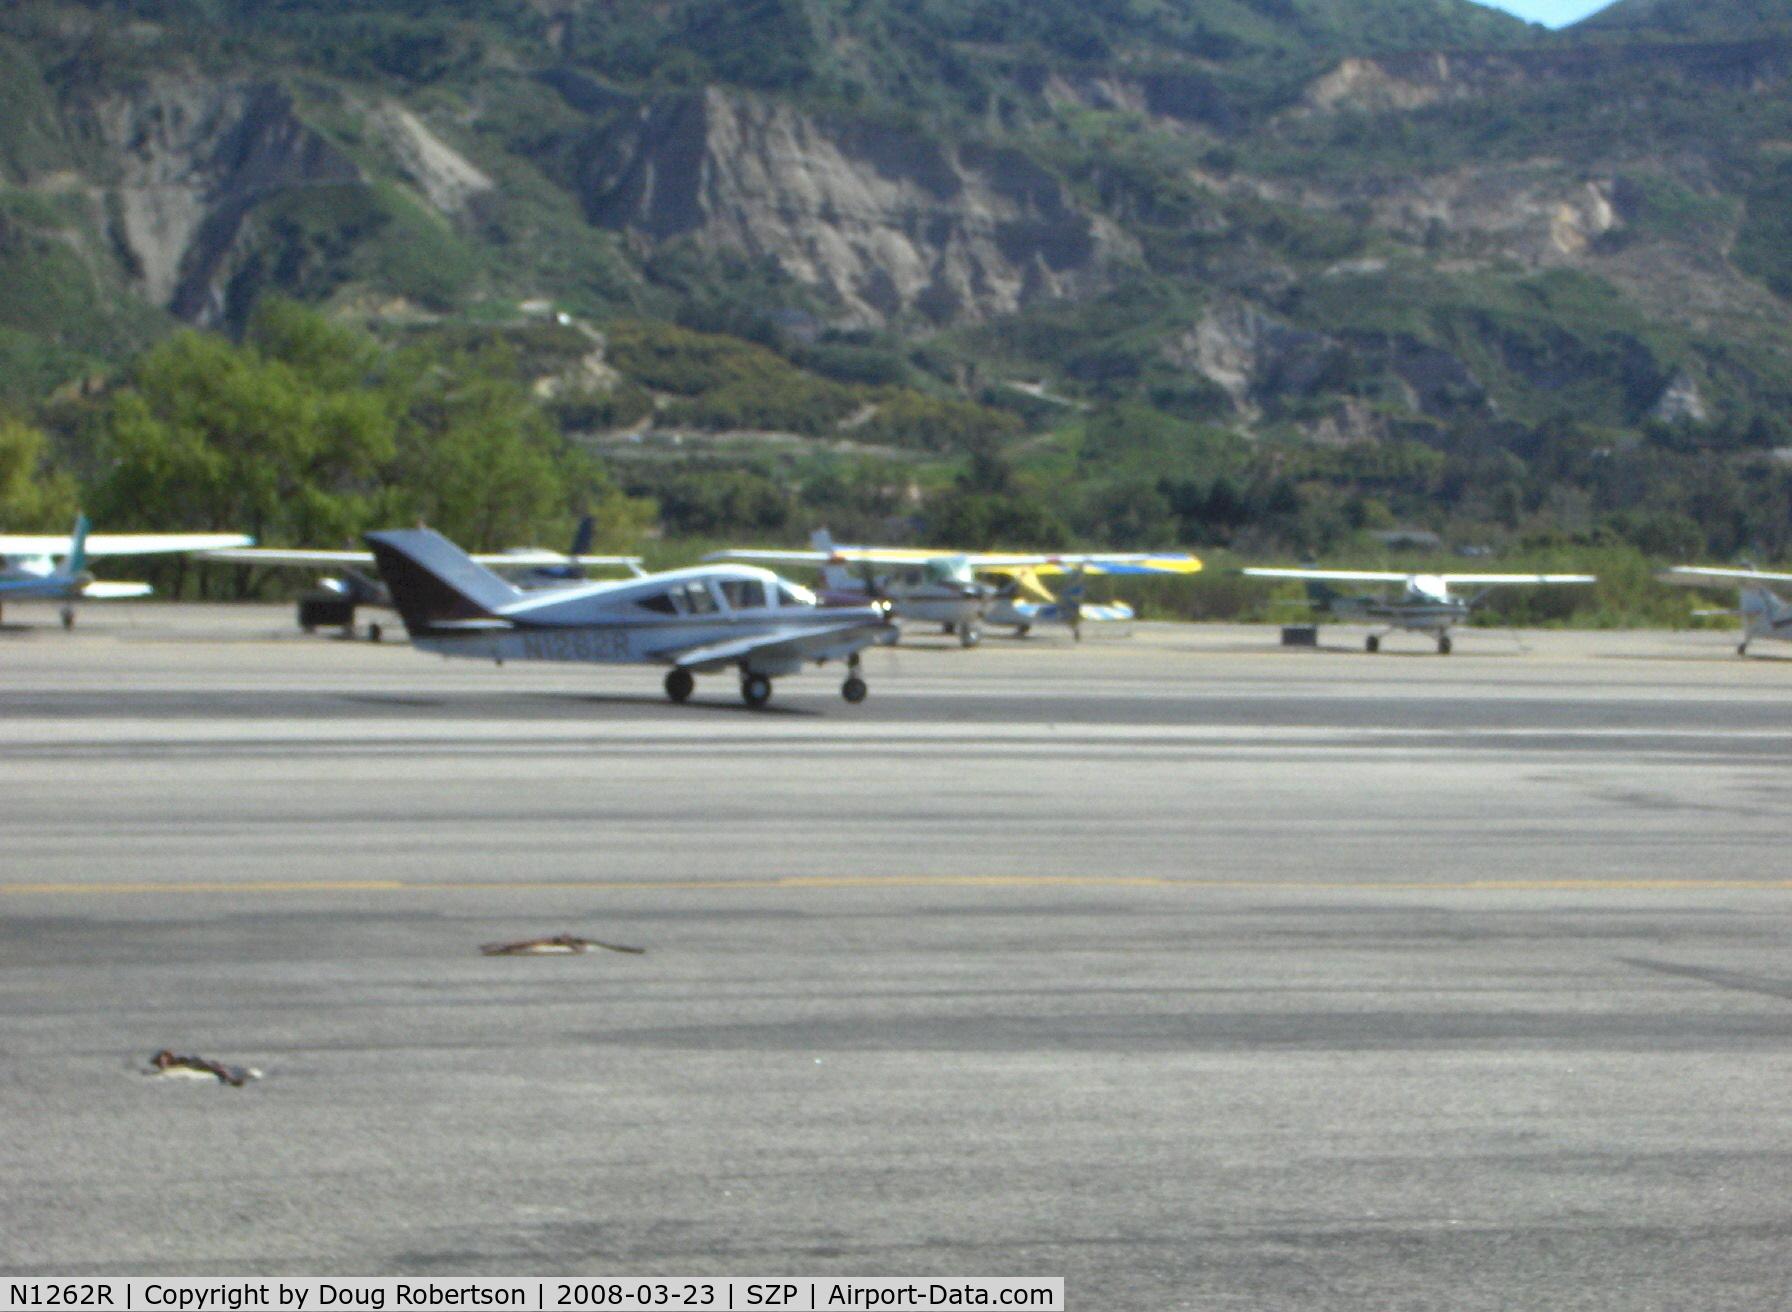 N1262R, 1967 Bellanca 14-19-3 Cruisair Senior C/N 4336, 1967 Bellanca 260C model 14-19-3, Continental IO-470-F 260 Hp, takeoff roll Rwy 22